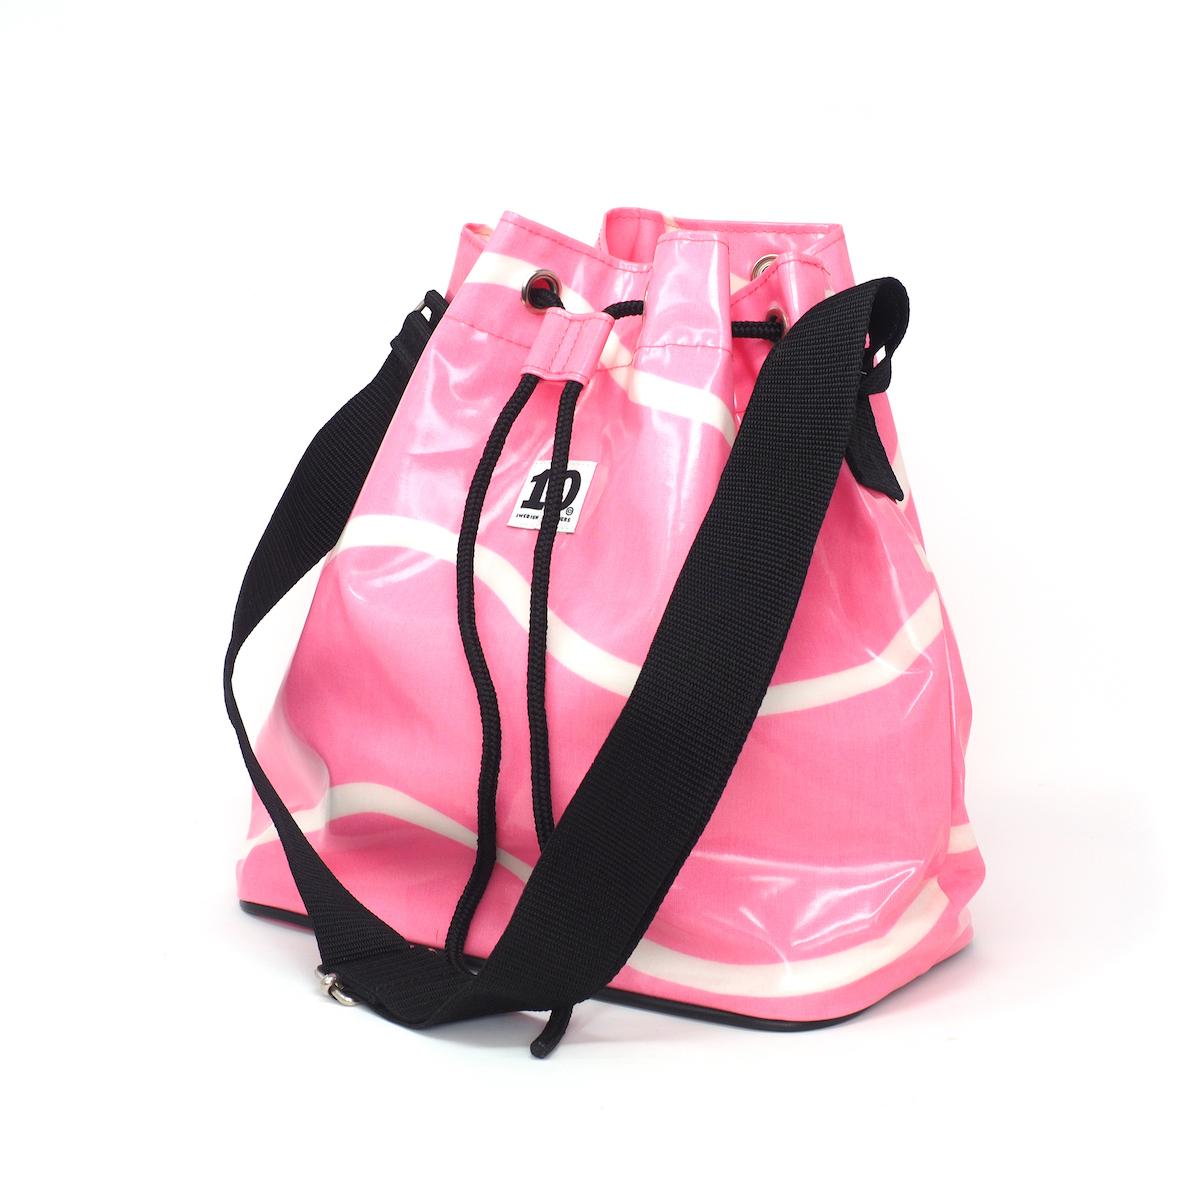 サムネイル:ショルダーバッグ Lovisa Borjan pink(10-GRUPPEN ティオグルッペン)